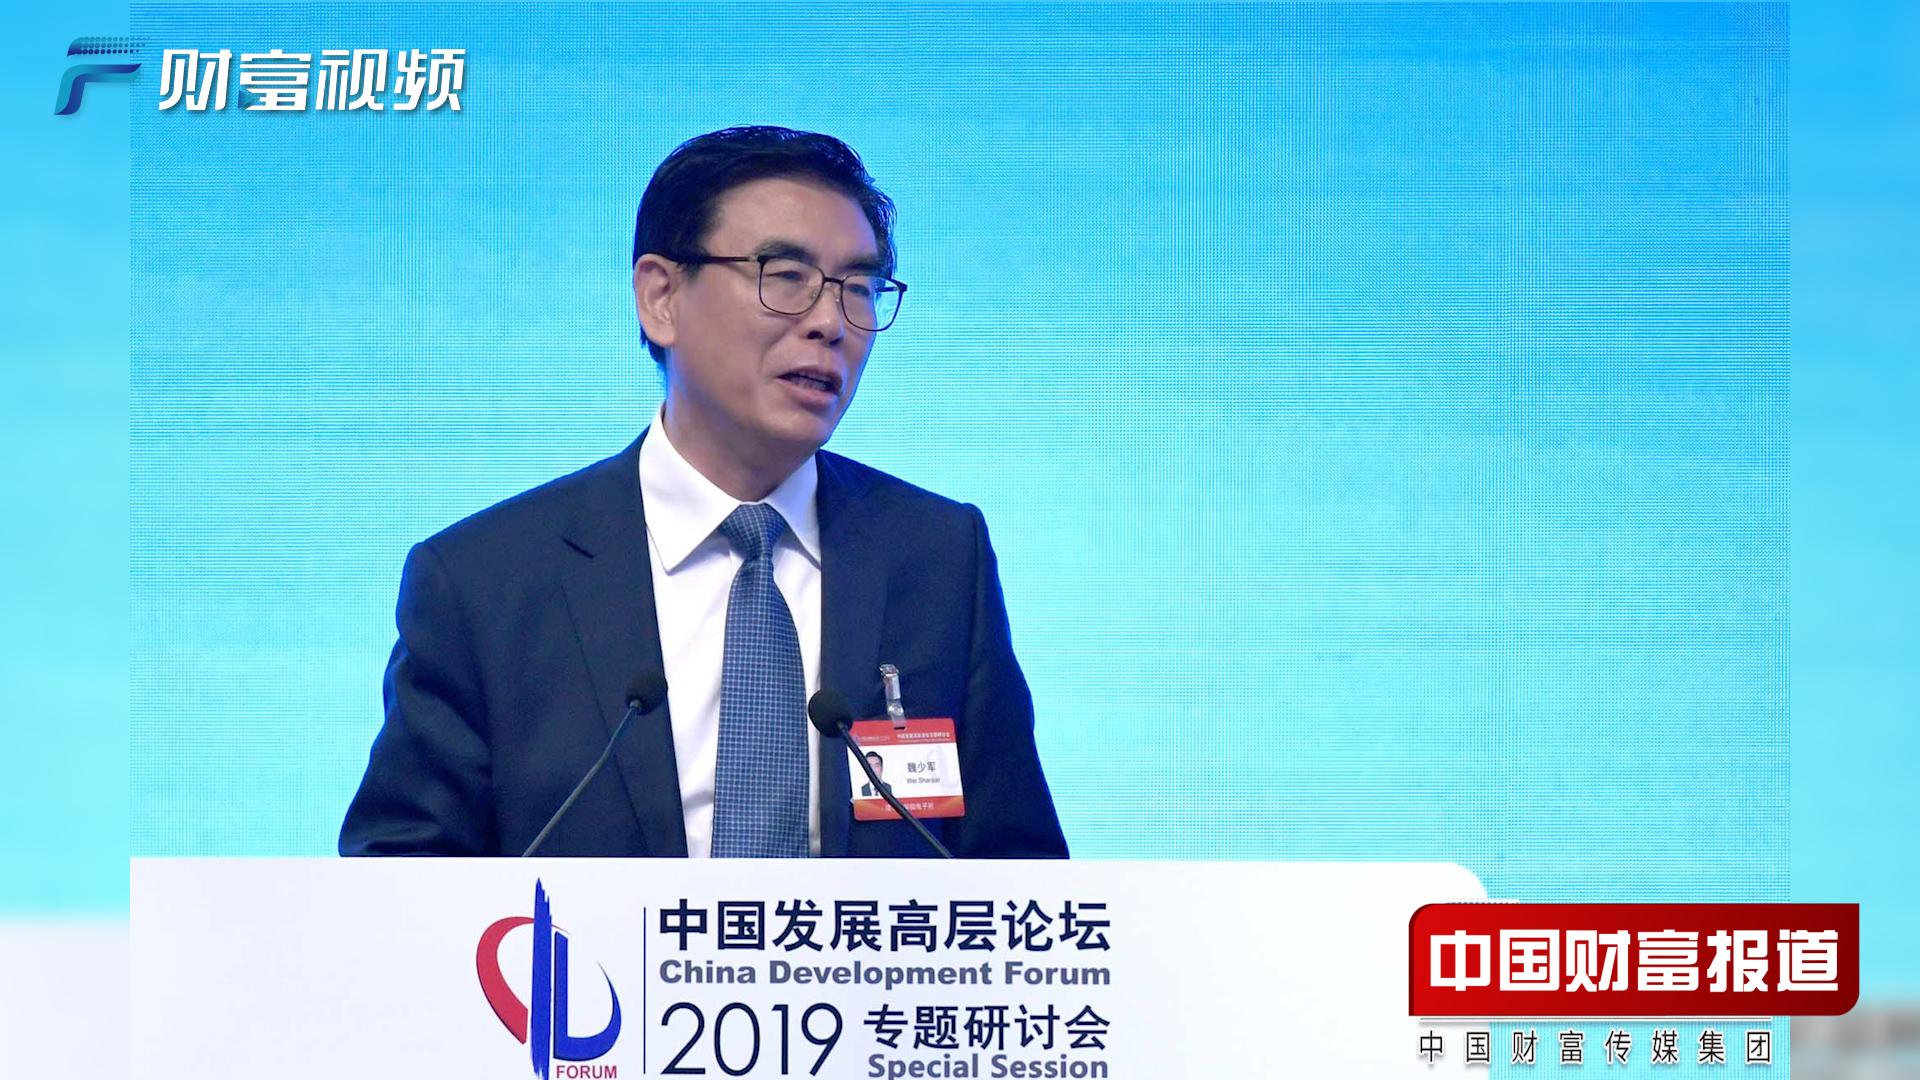 【中国财富报道】魏少军:移动互联网催化全球创新合作 带来高速发展